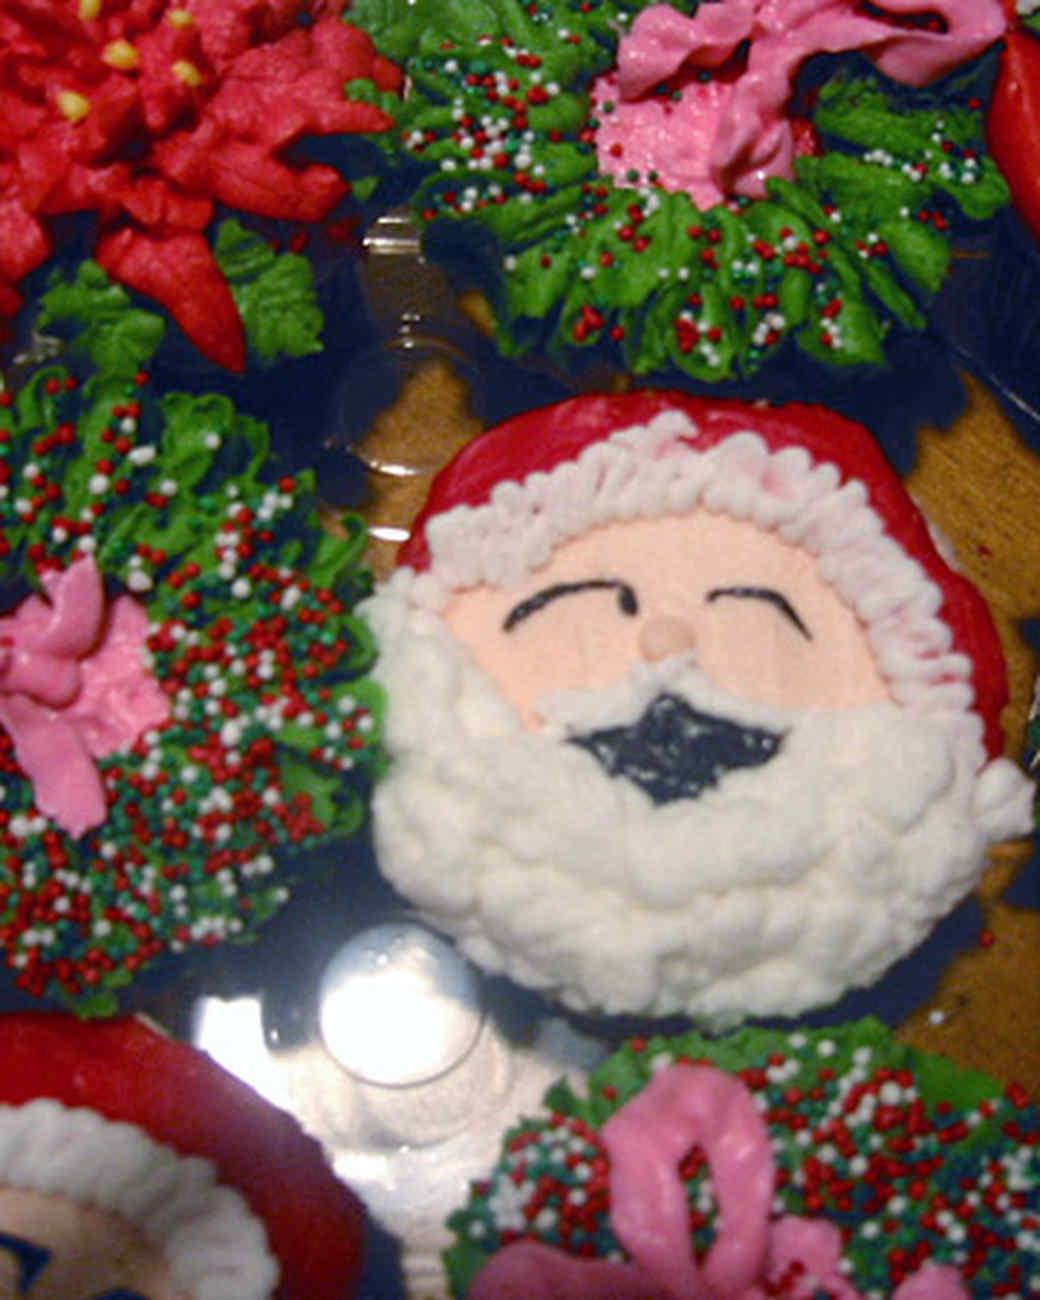 cookie_ugc_1209_5406579_11725537.jpg